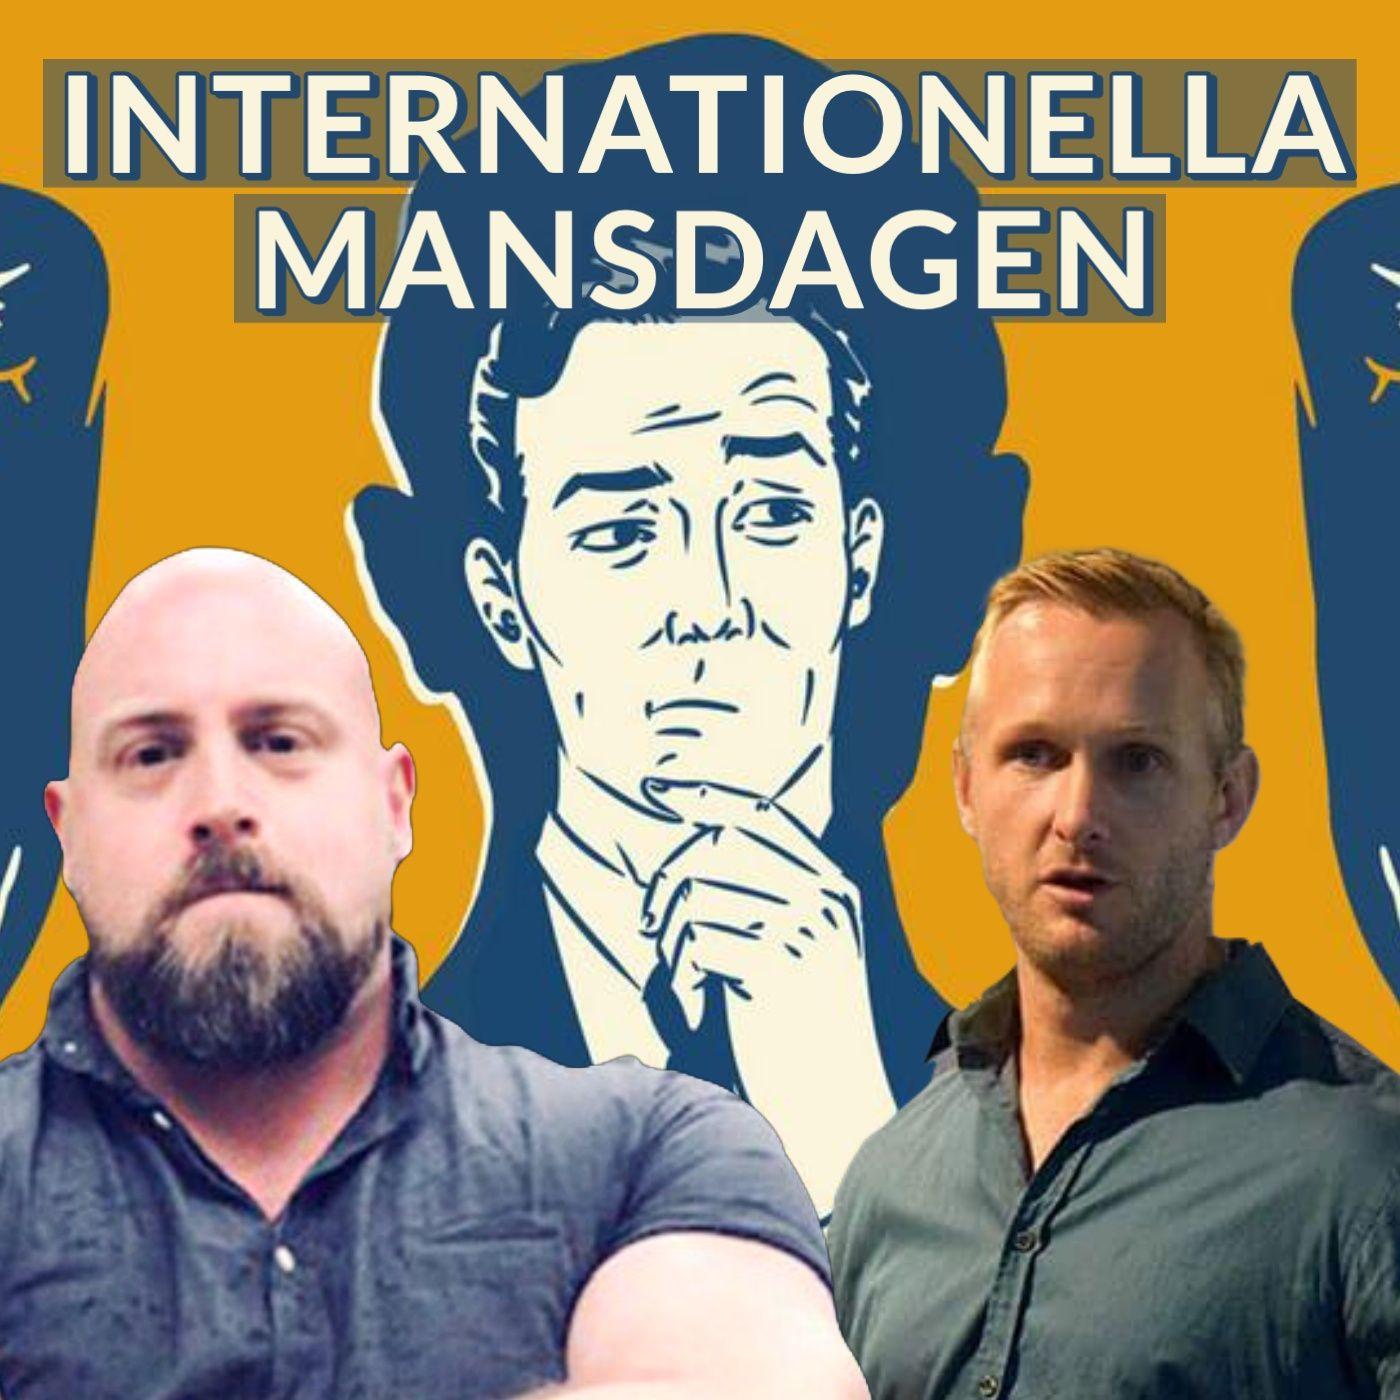 Internationella mansdagen med Ernst Almgren